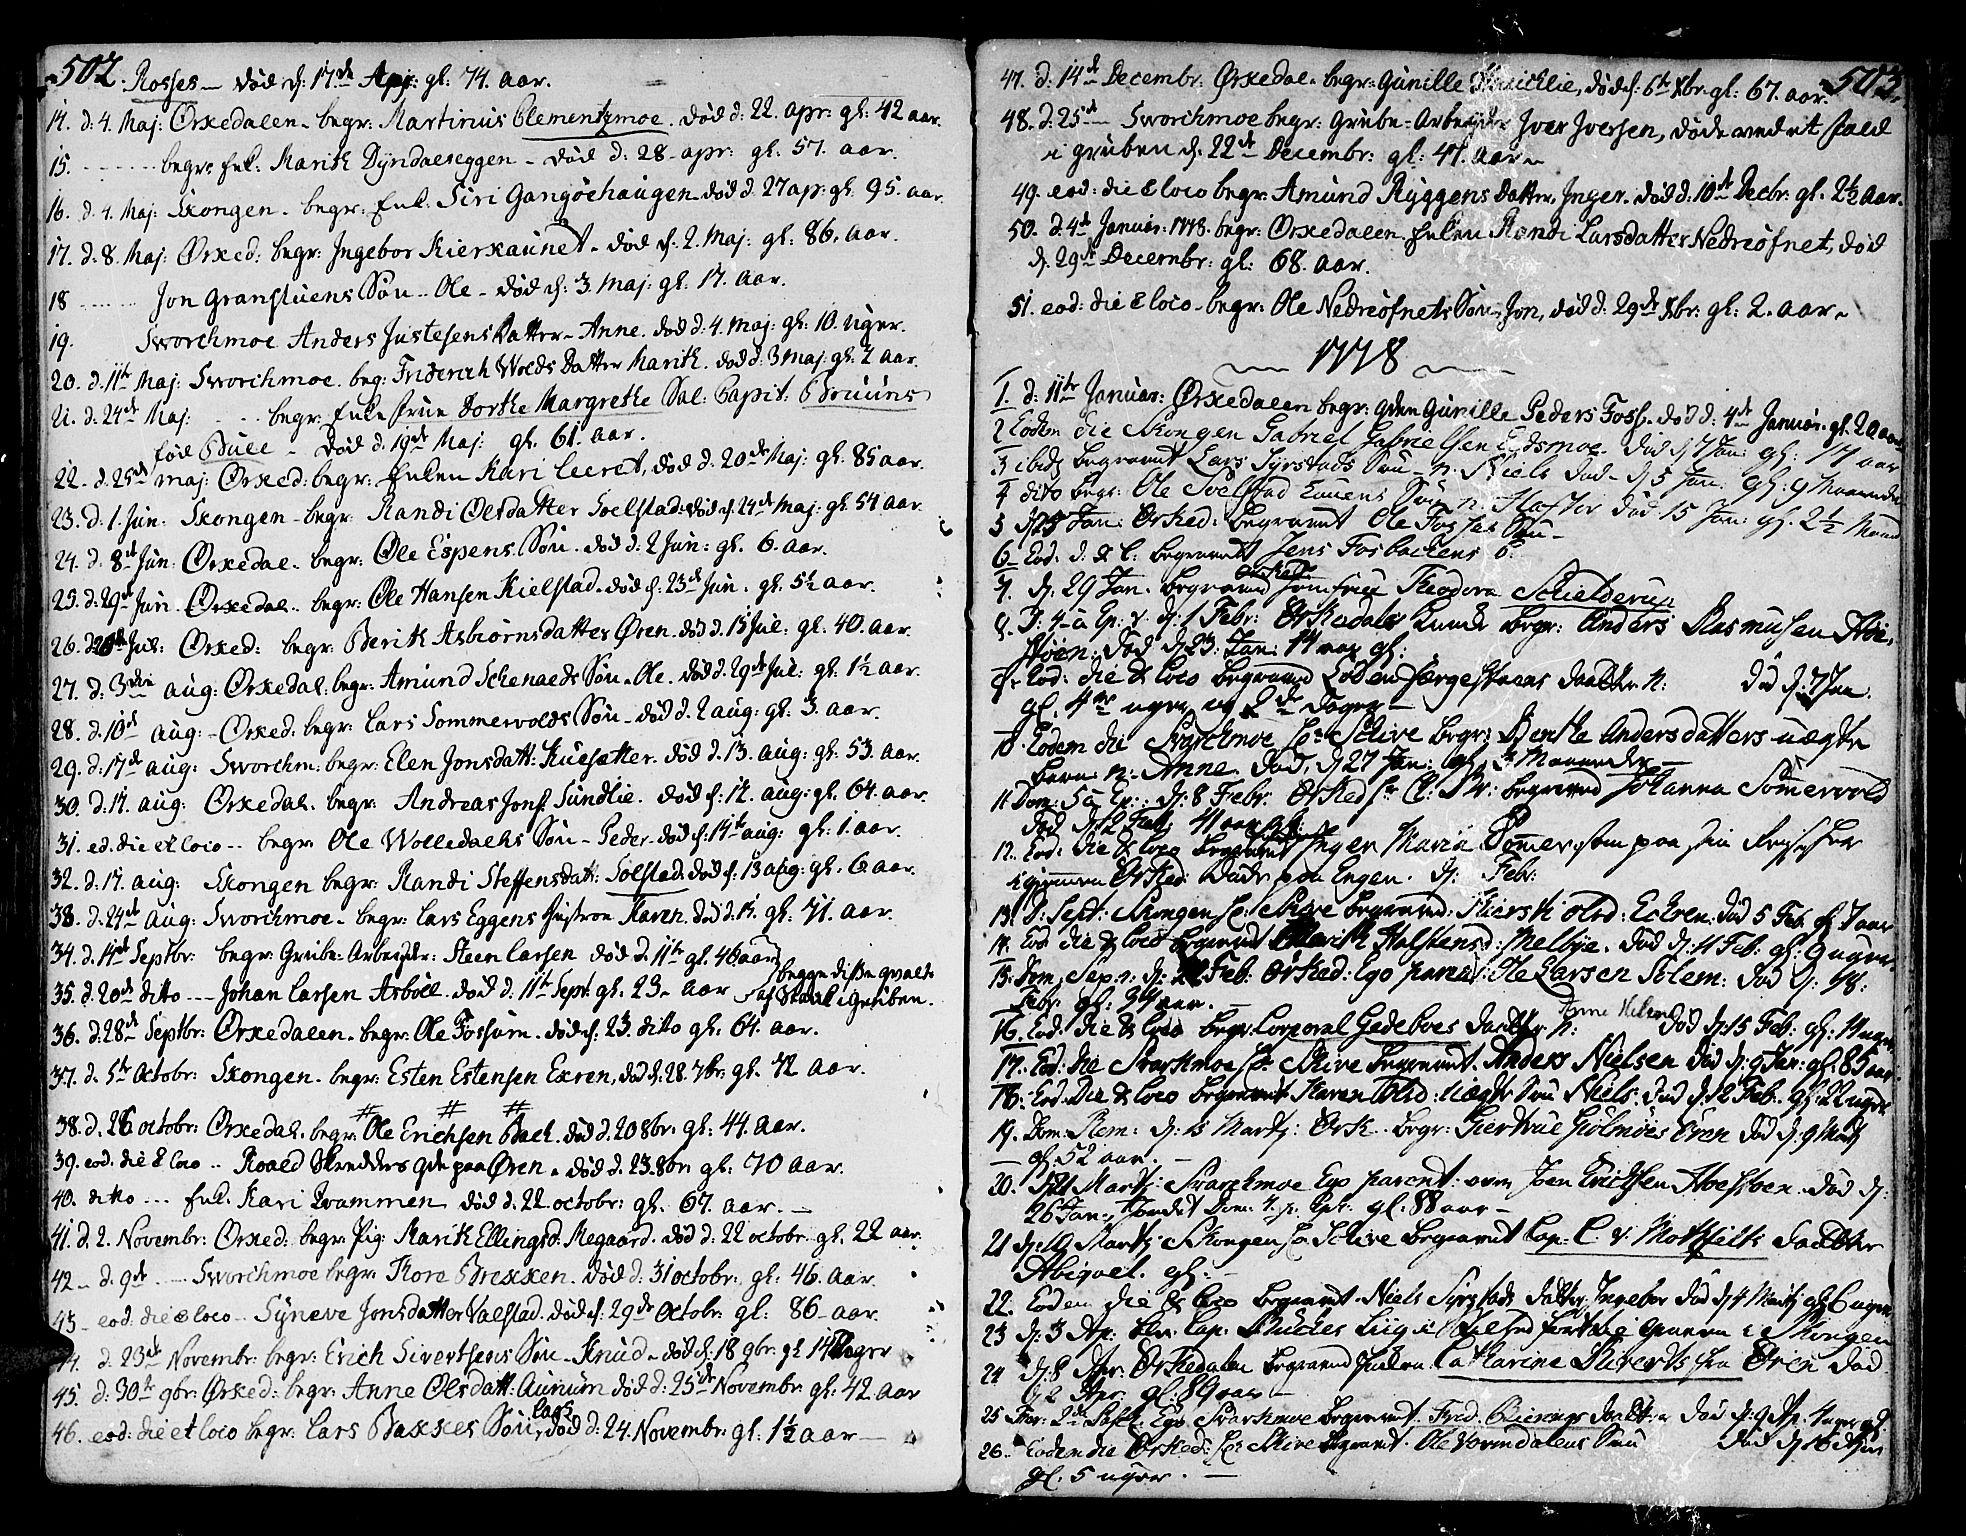 SAT, Ministerialprotokoller, klokkerbøker og fødselsregistre - Sør-Trøndelag, 668/L0802: Ministerialbok nr. 668A02, 1776-1799, s. 502-503